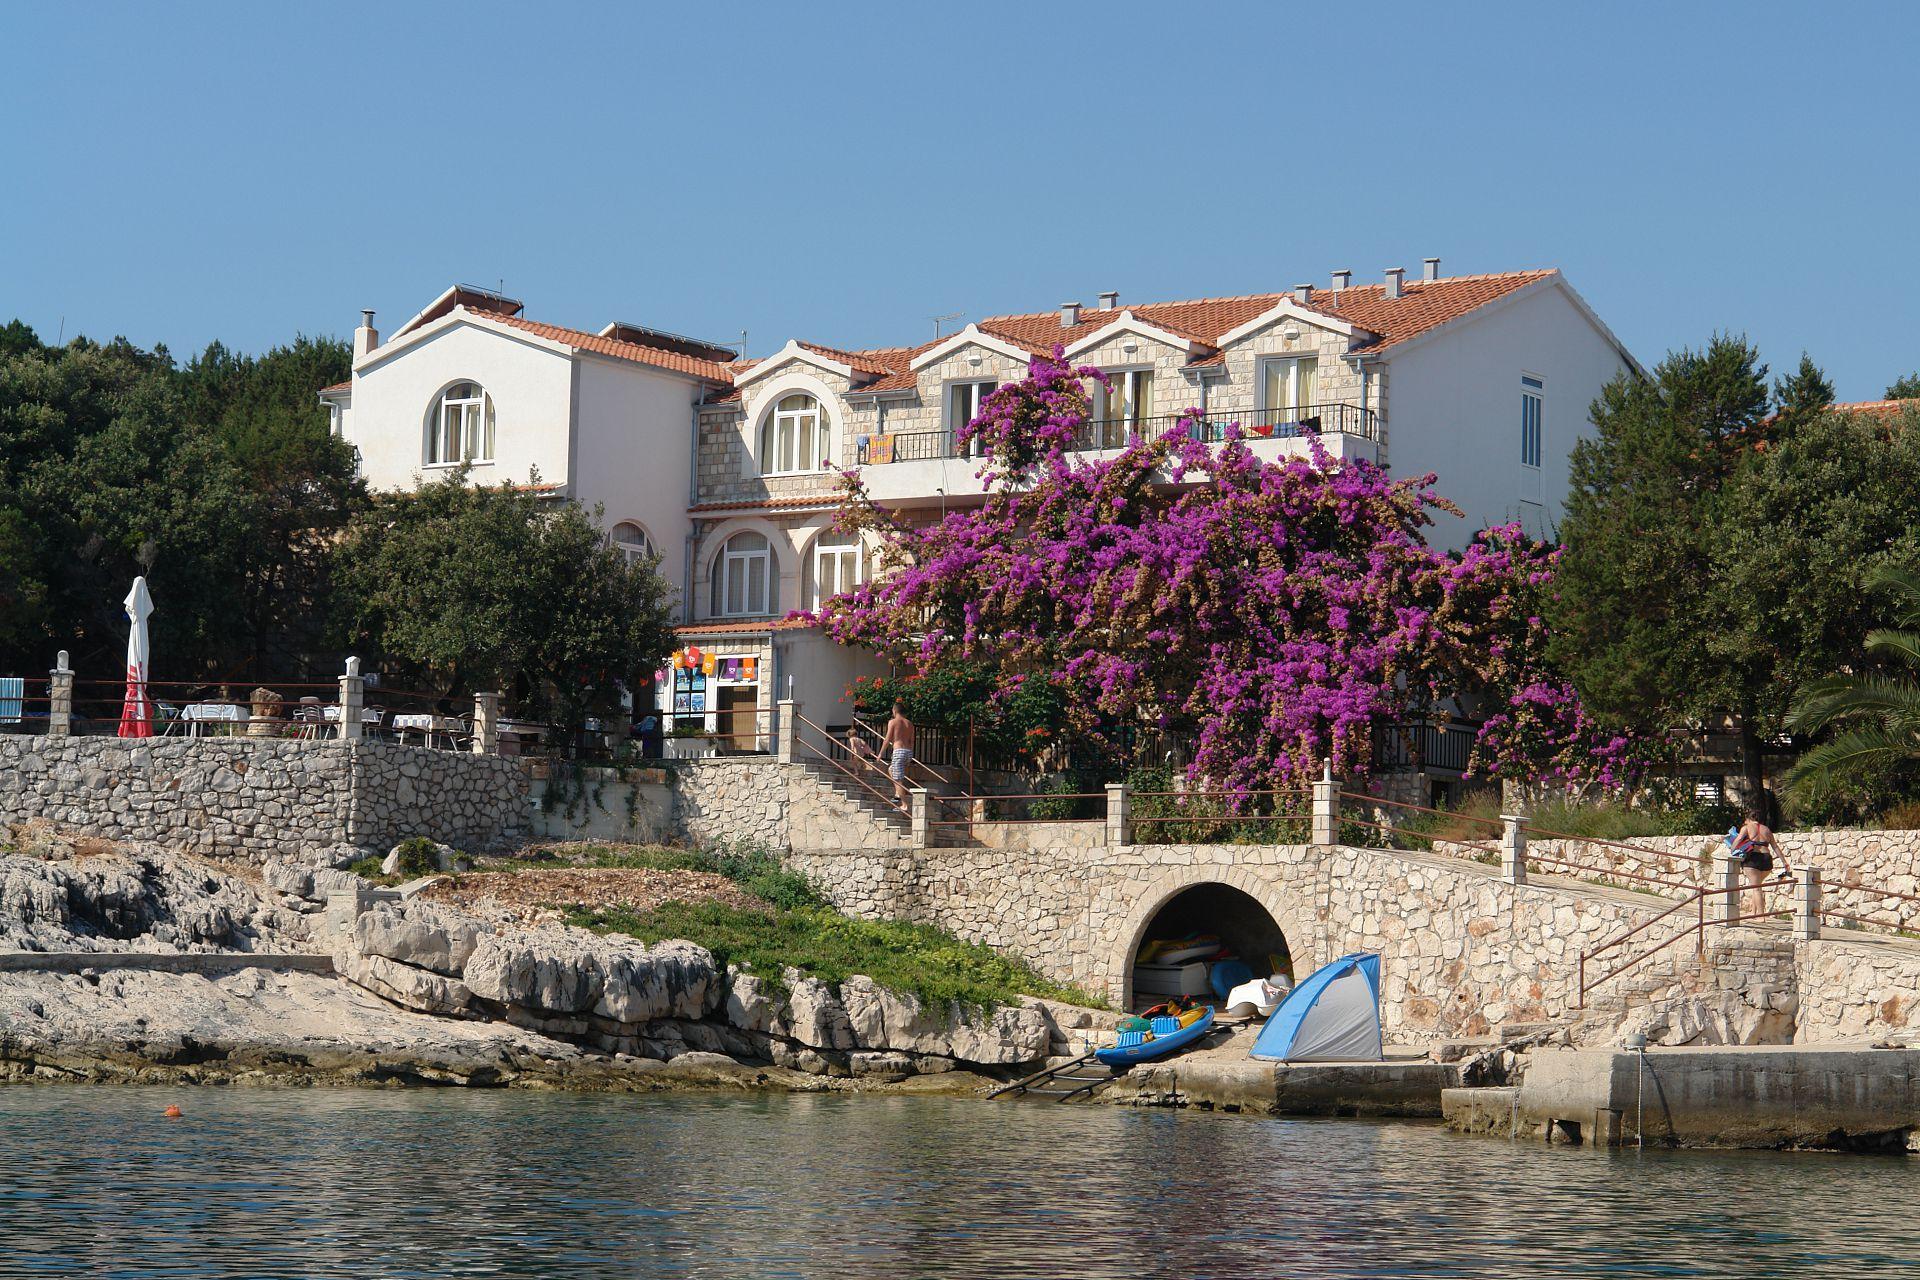 7973  - Zatoka Pokrivenik - Zakwaterowanie nad zatokami Chorwacja